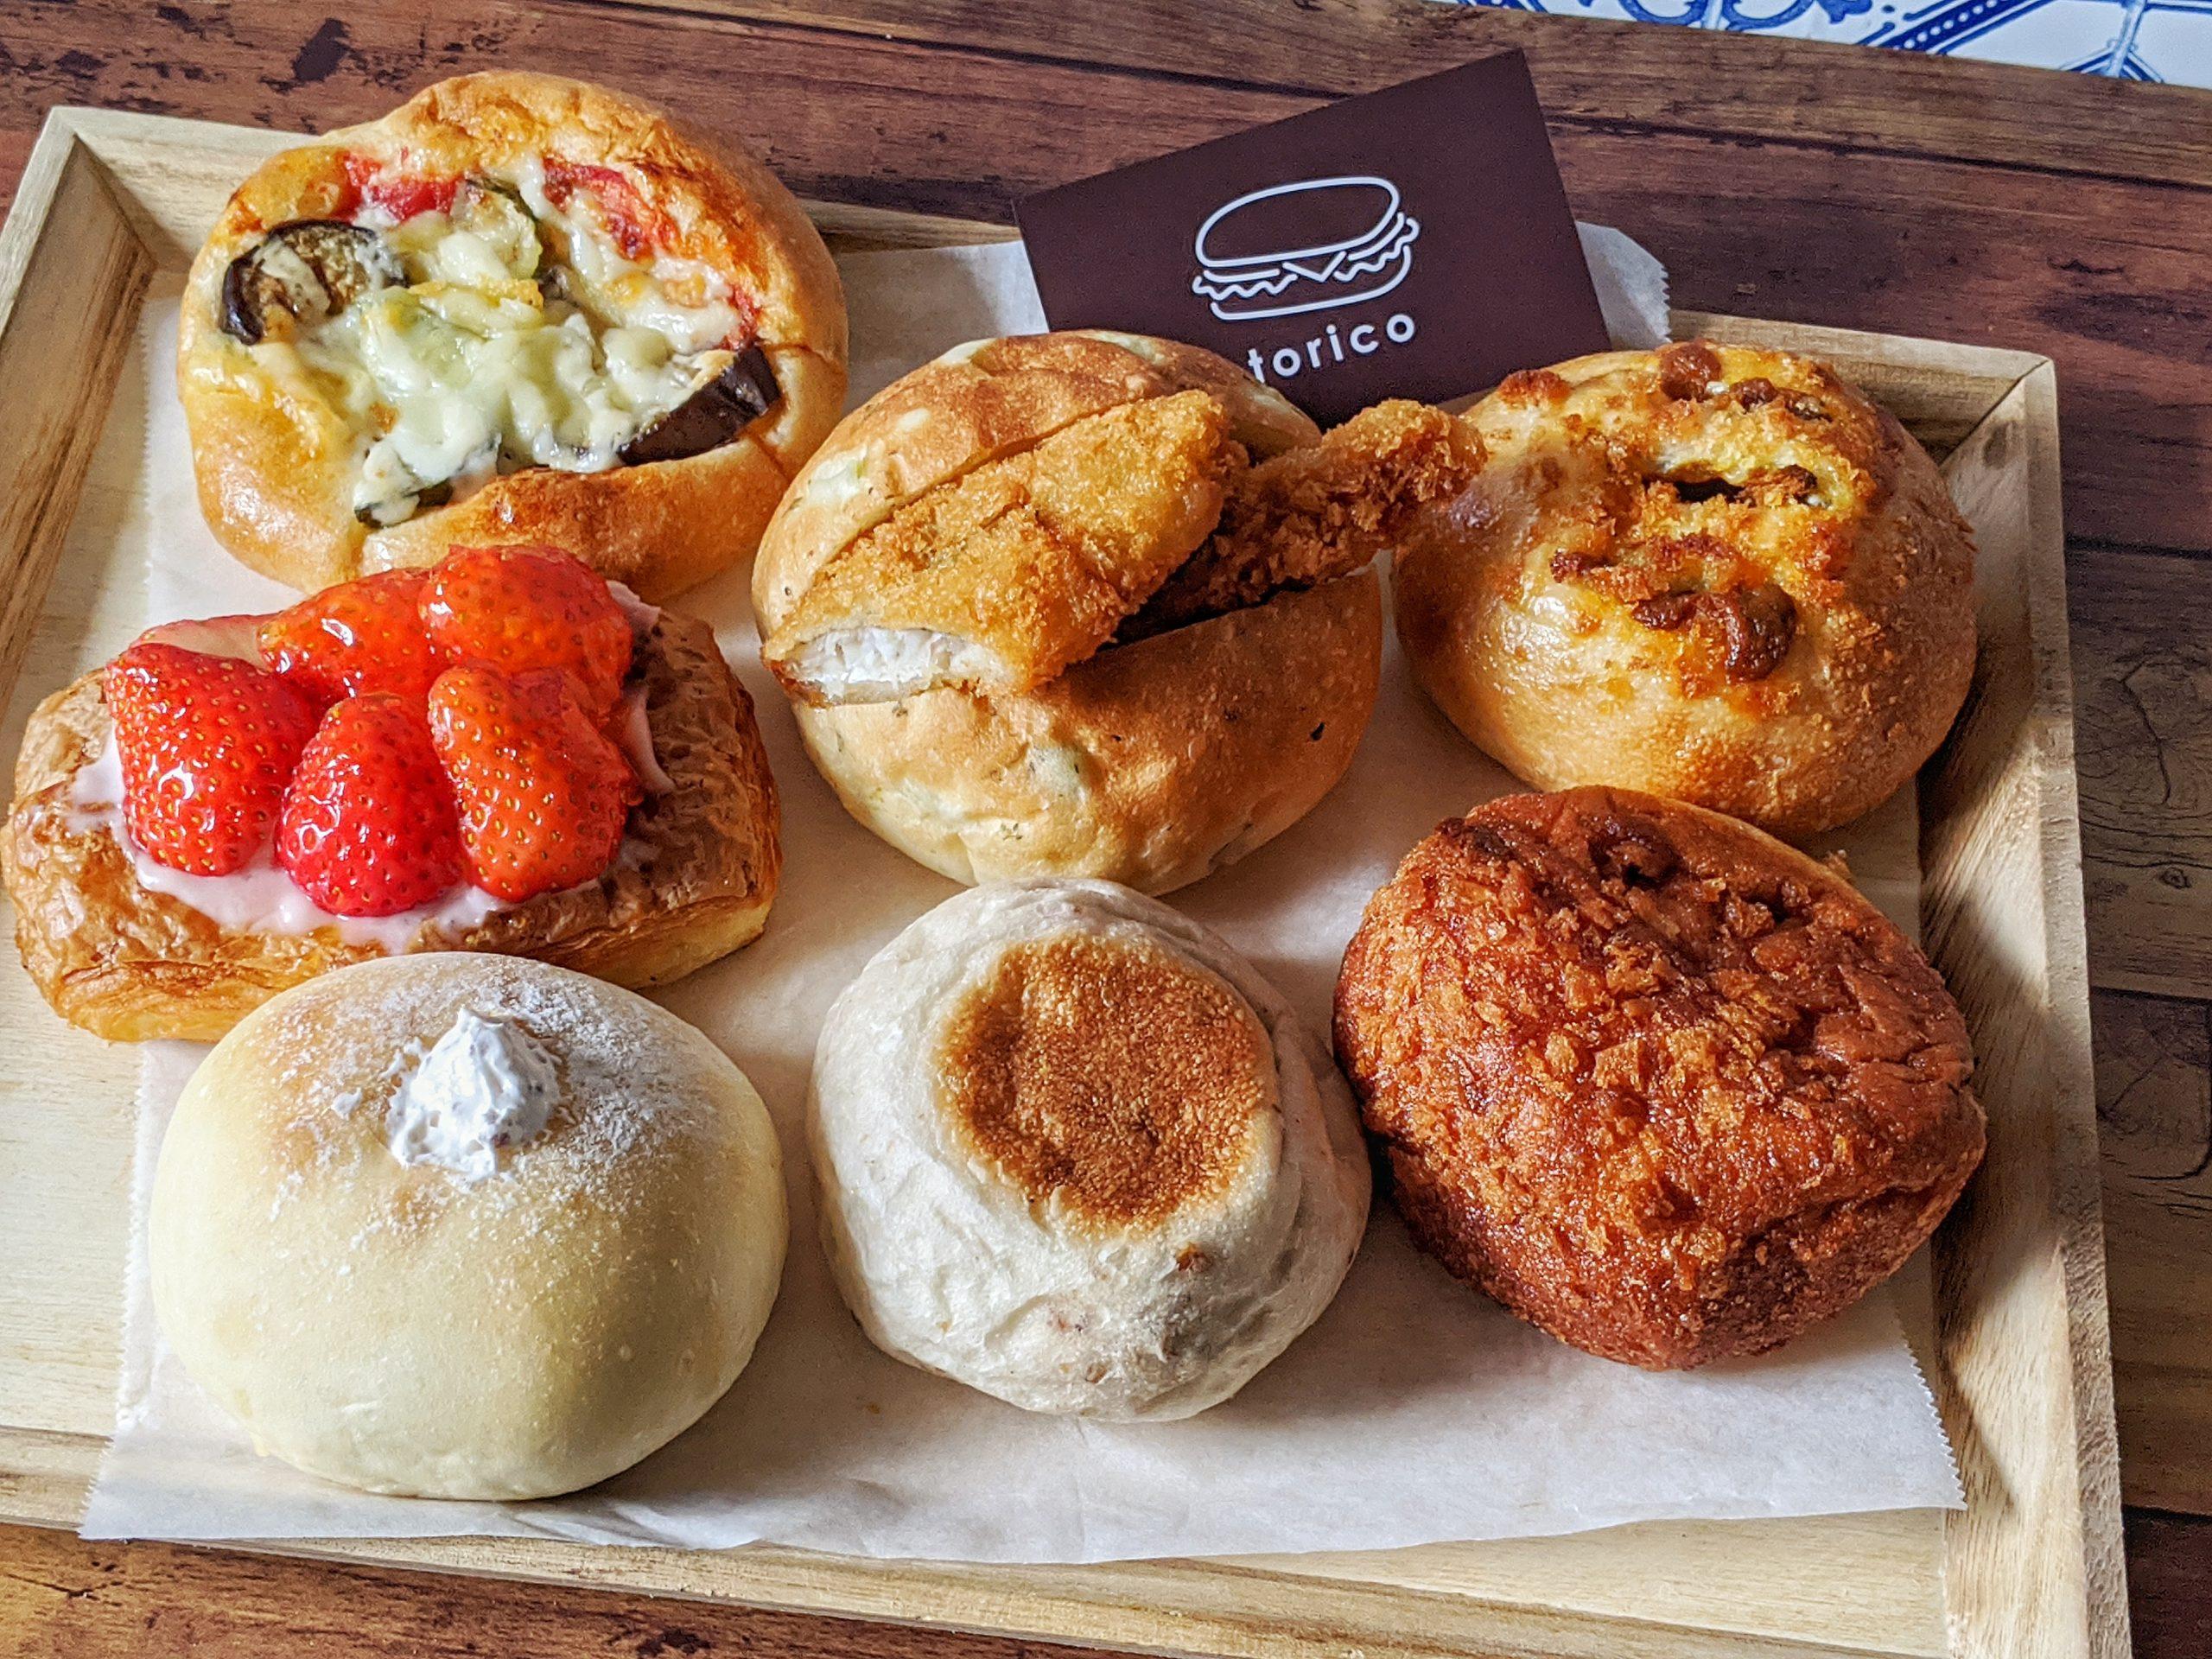 【堺筋本町】美味しいパンでホッとできるひと時を。多彩なパンの虜になる『torico(トリコ)』